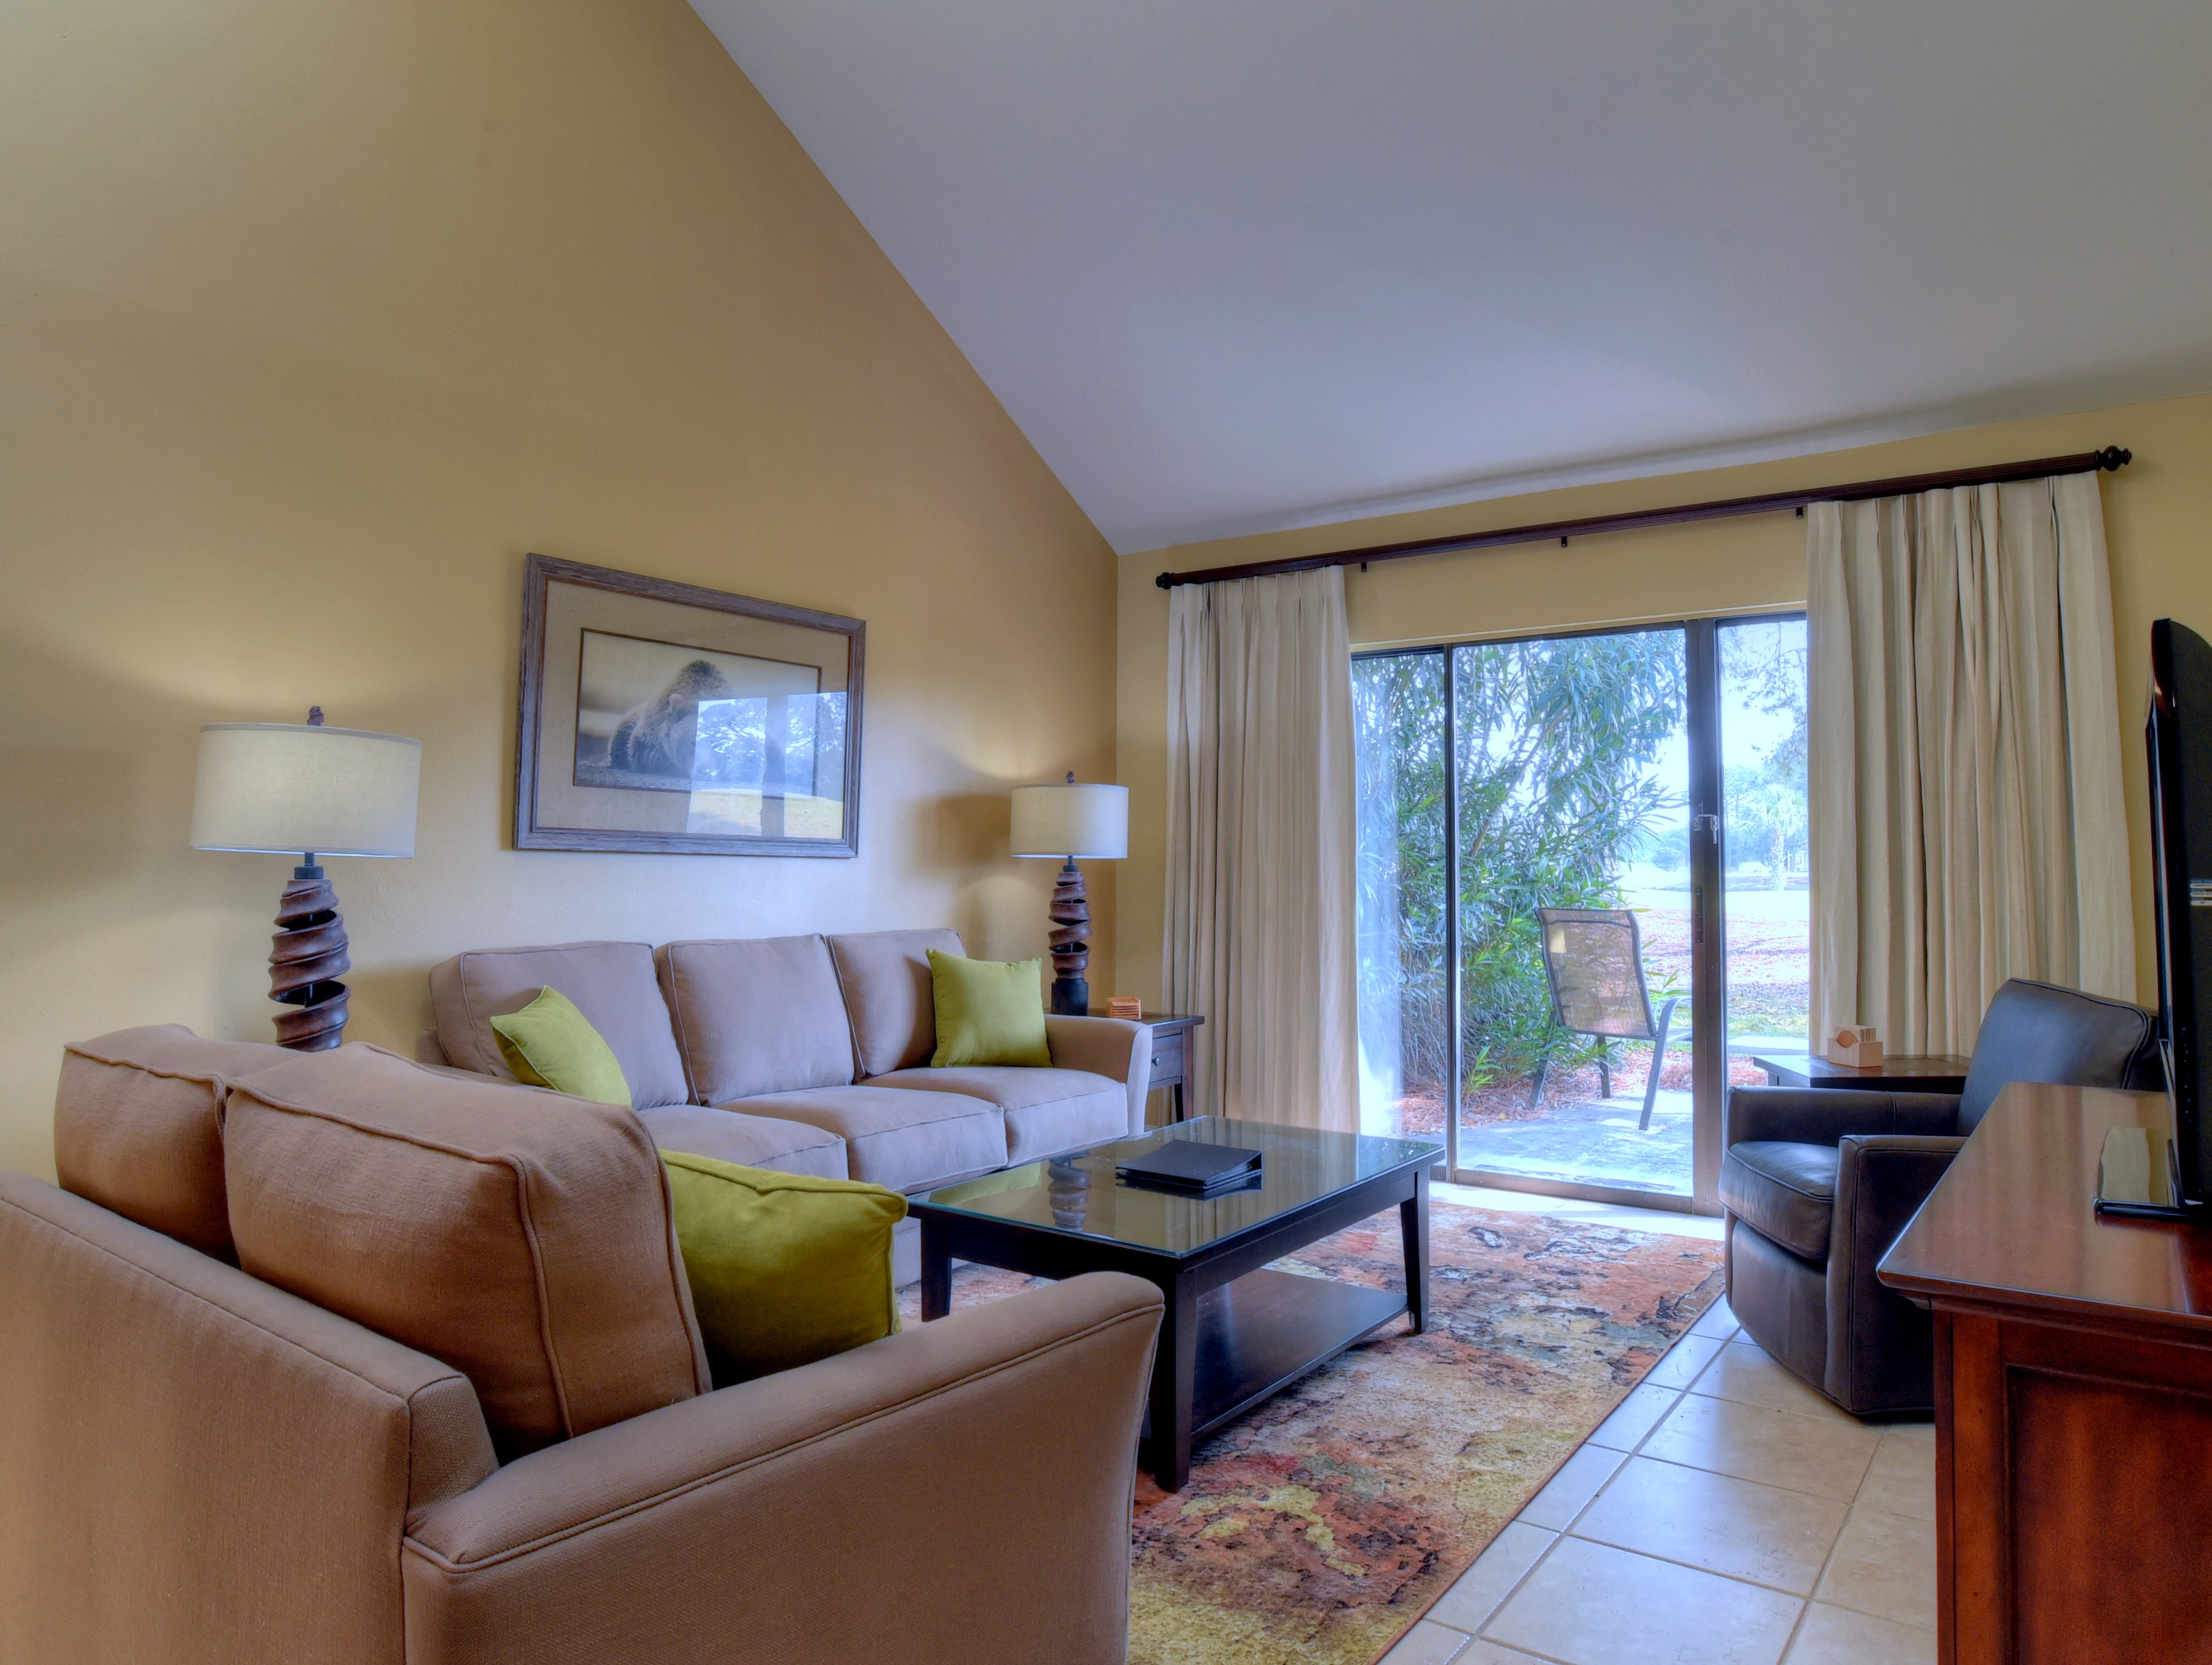 285 Fairways Condo rental in Sandestin Rentals ~ Cottages and Villas  in Destin Florida - #10